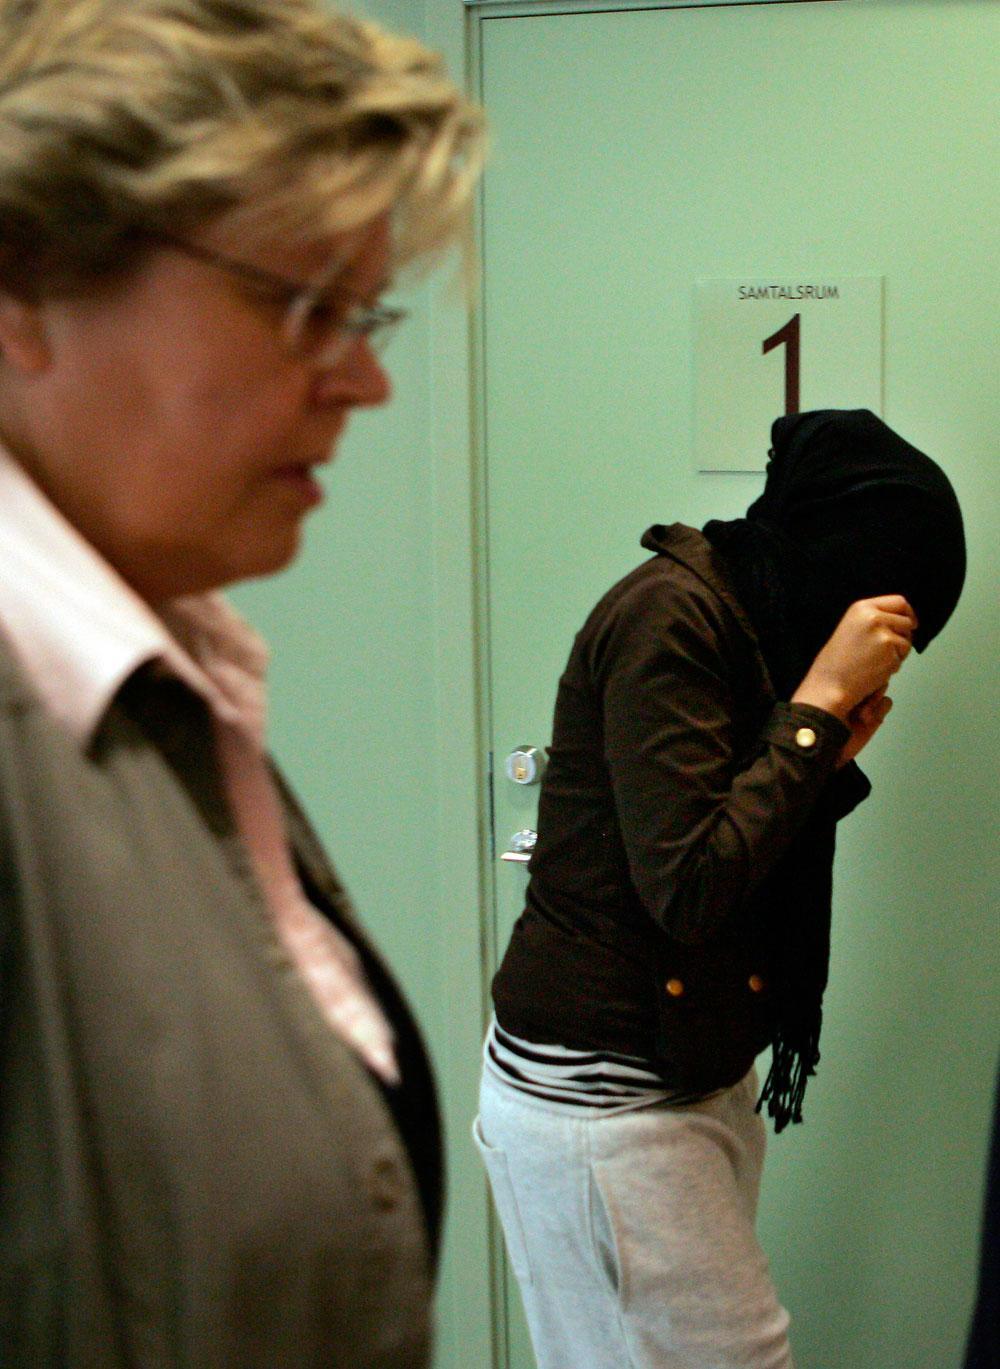 En av medlemmarna i Tjejligan döljer sitt ansikte på väg in i rättegångssalen vid Solna tingsrätt.